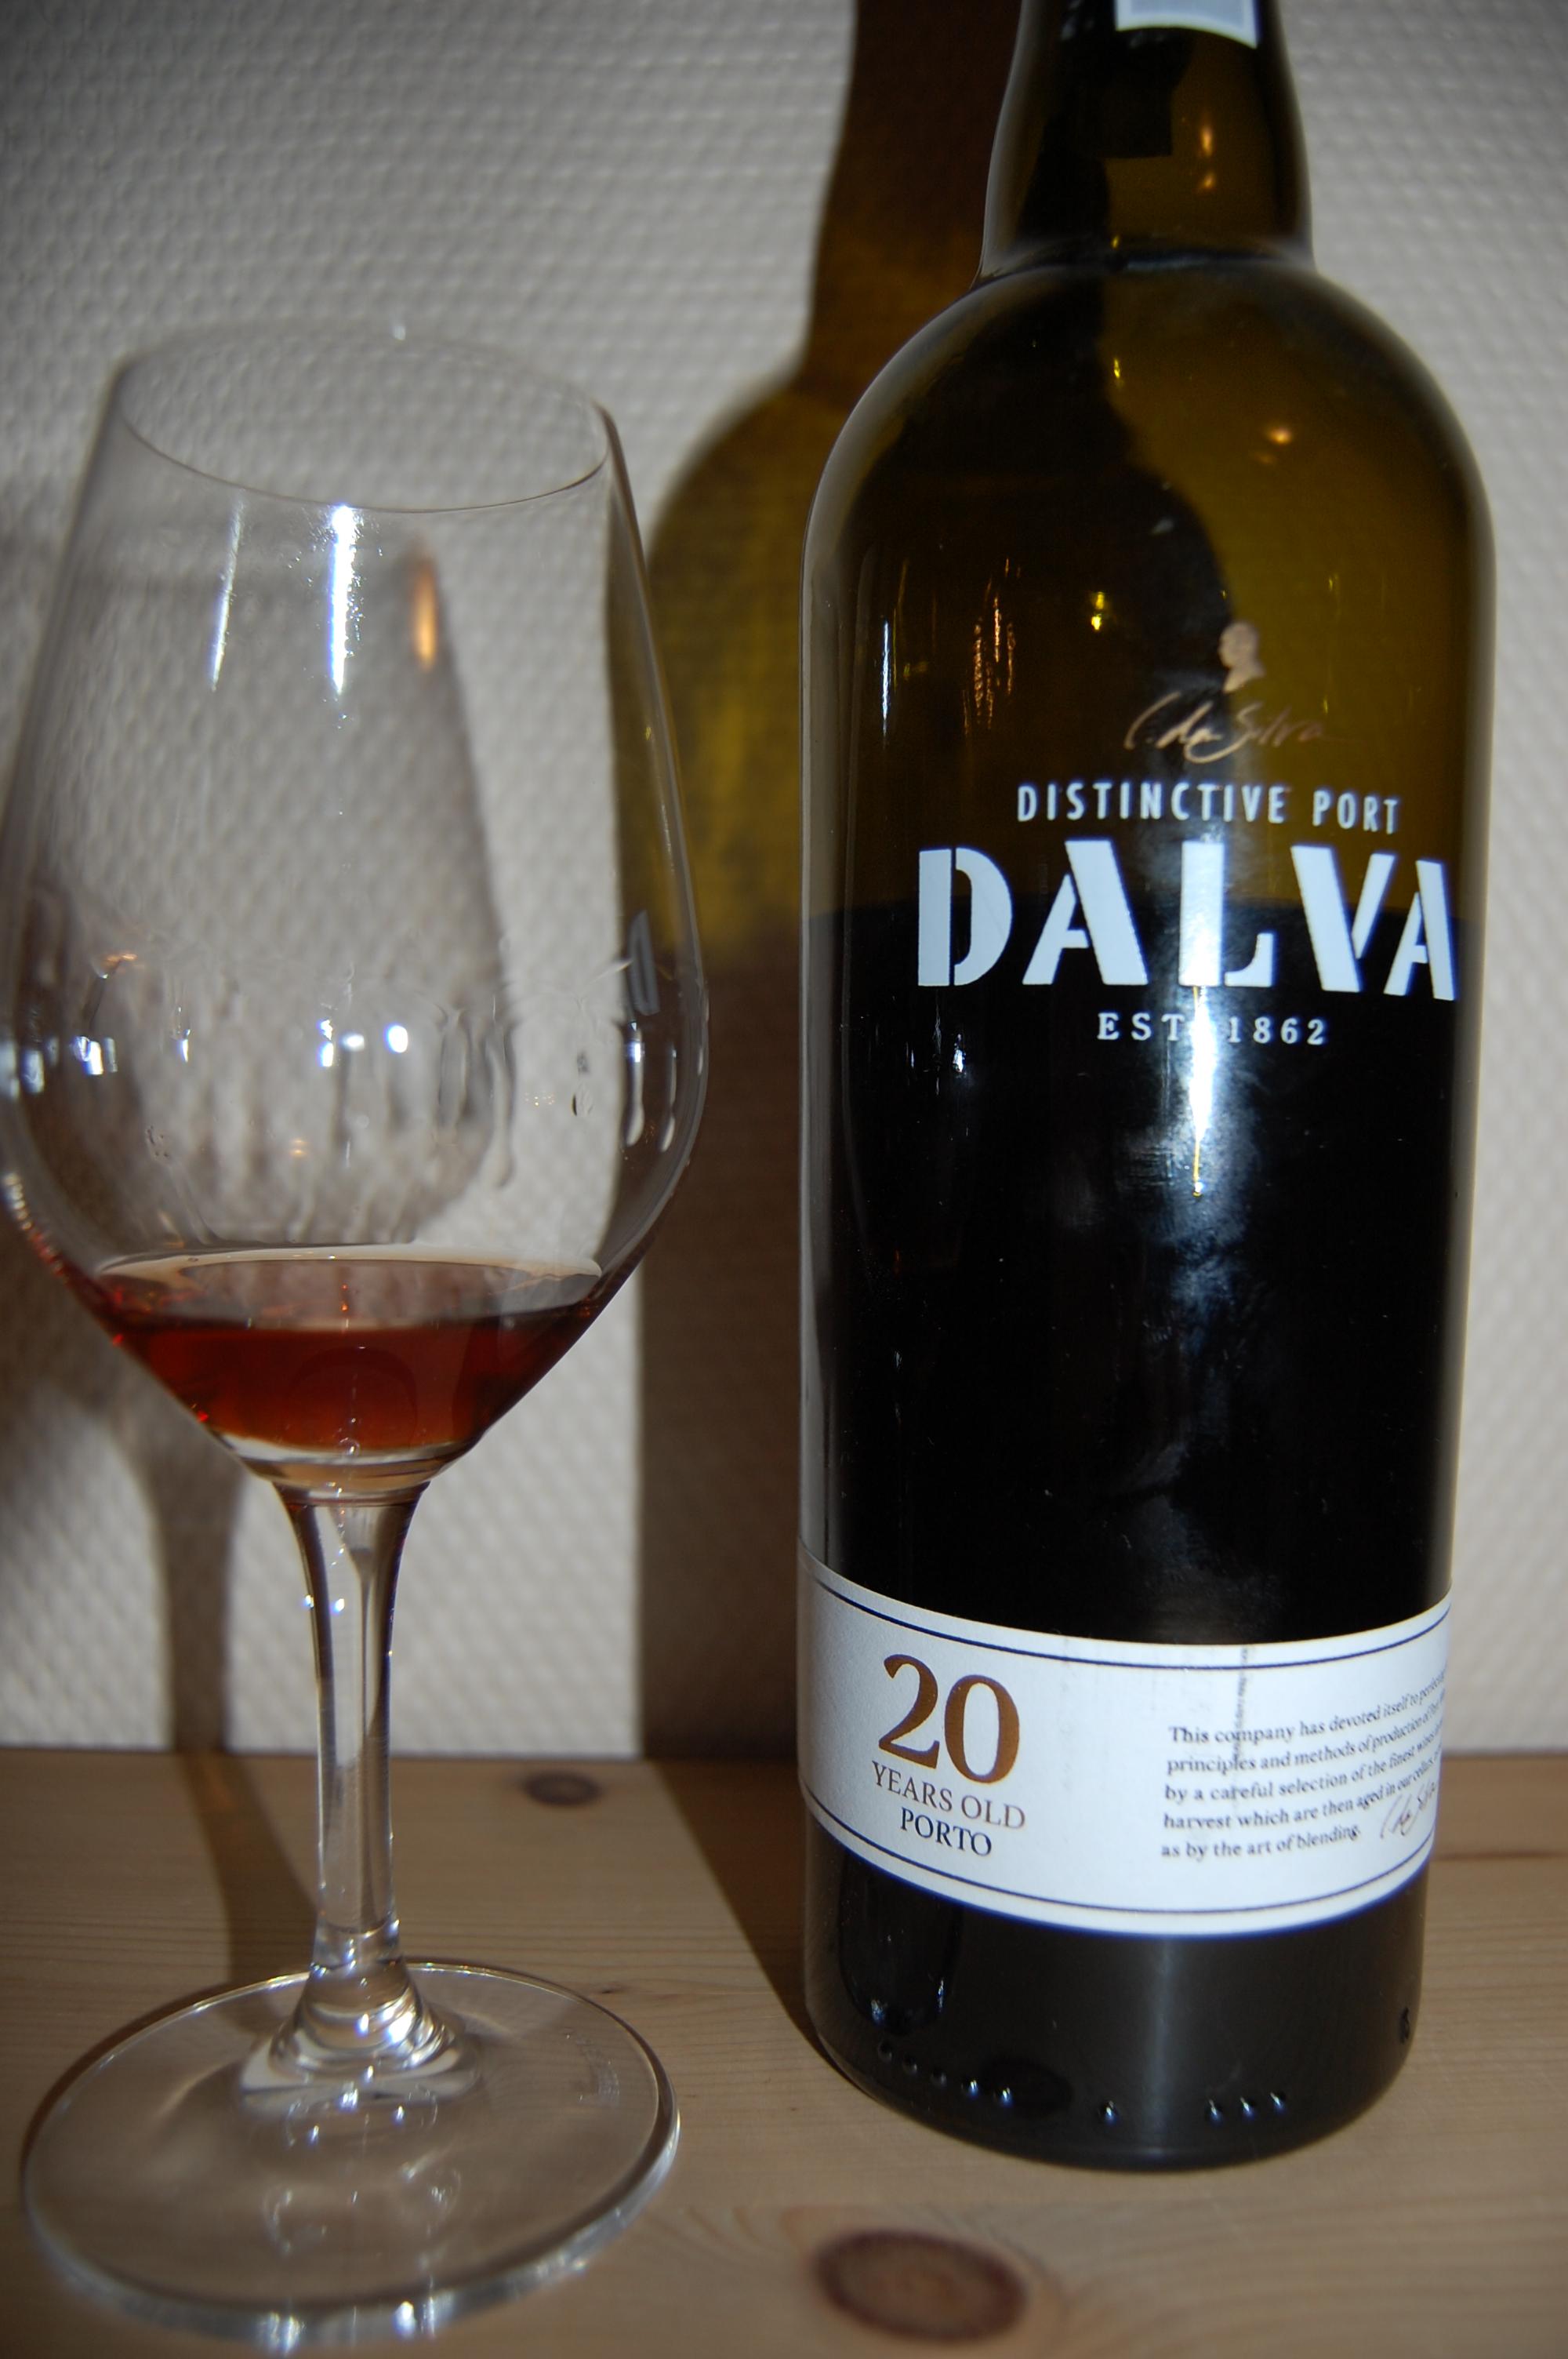 Dalva 20